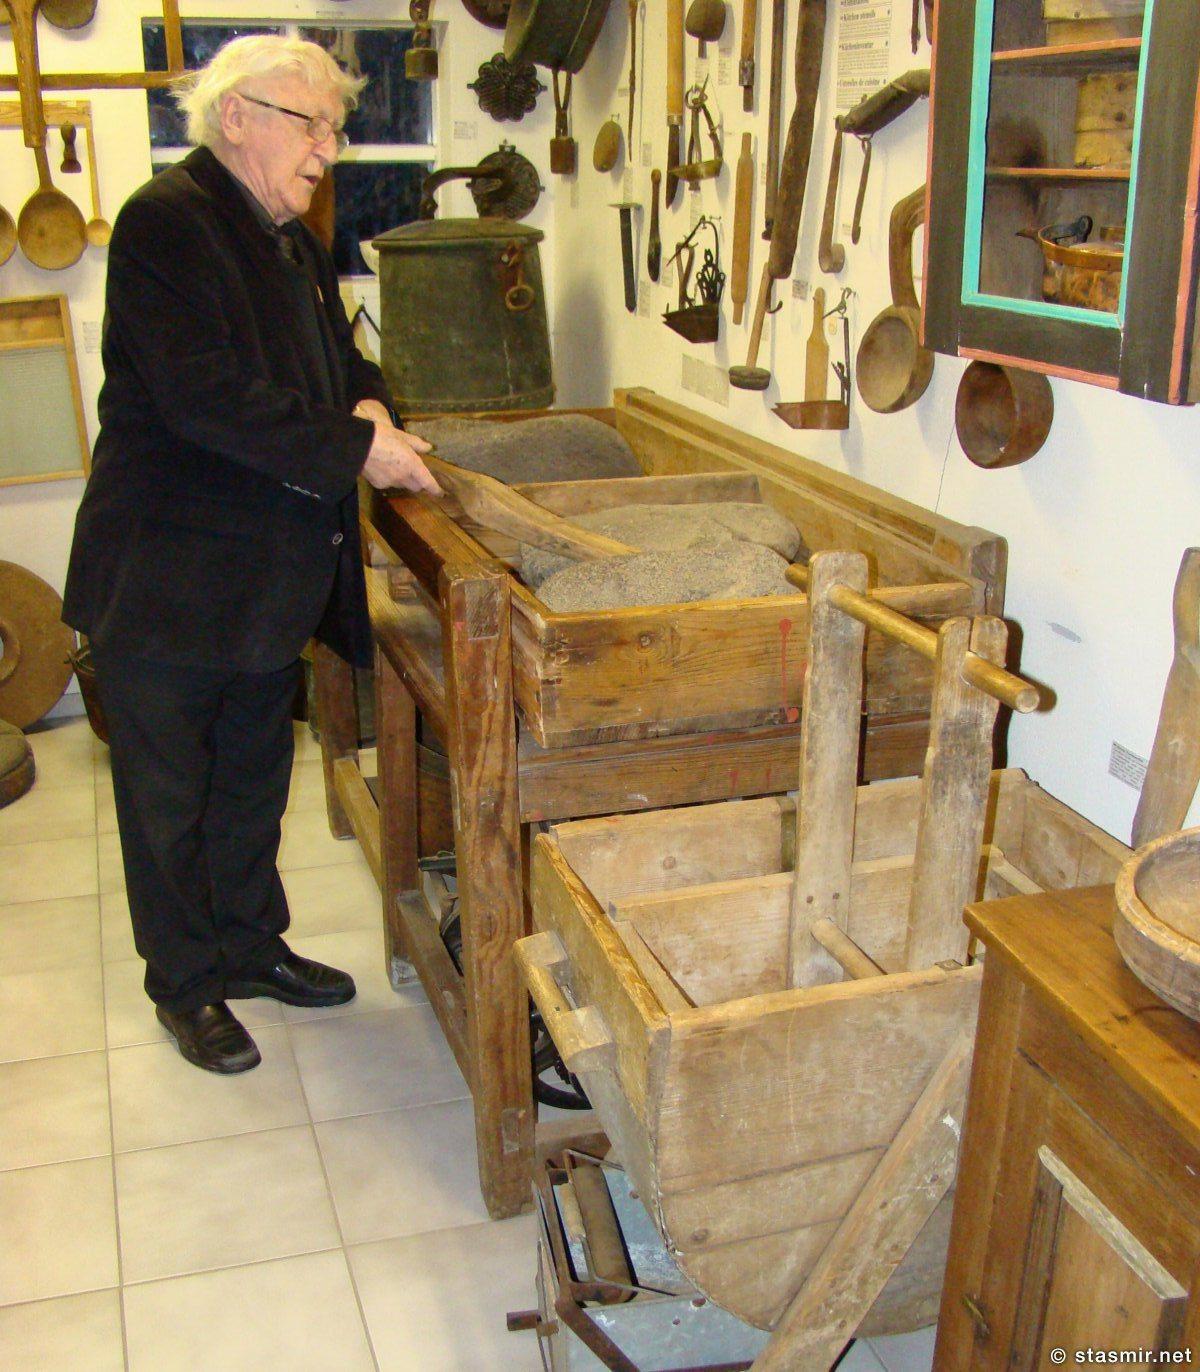 Тордур Томассон или Тордюр Томассон, основатель и бессменный куратор музея Скоугар, демонстрирует древний исландский утюг, фото Стасмир, photo Stasmir, Skógar